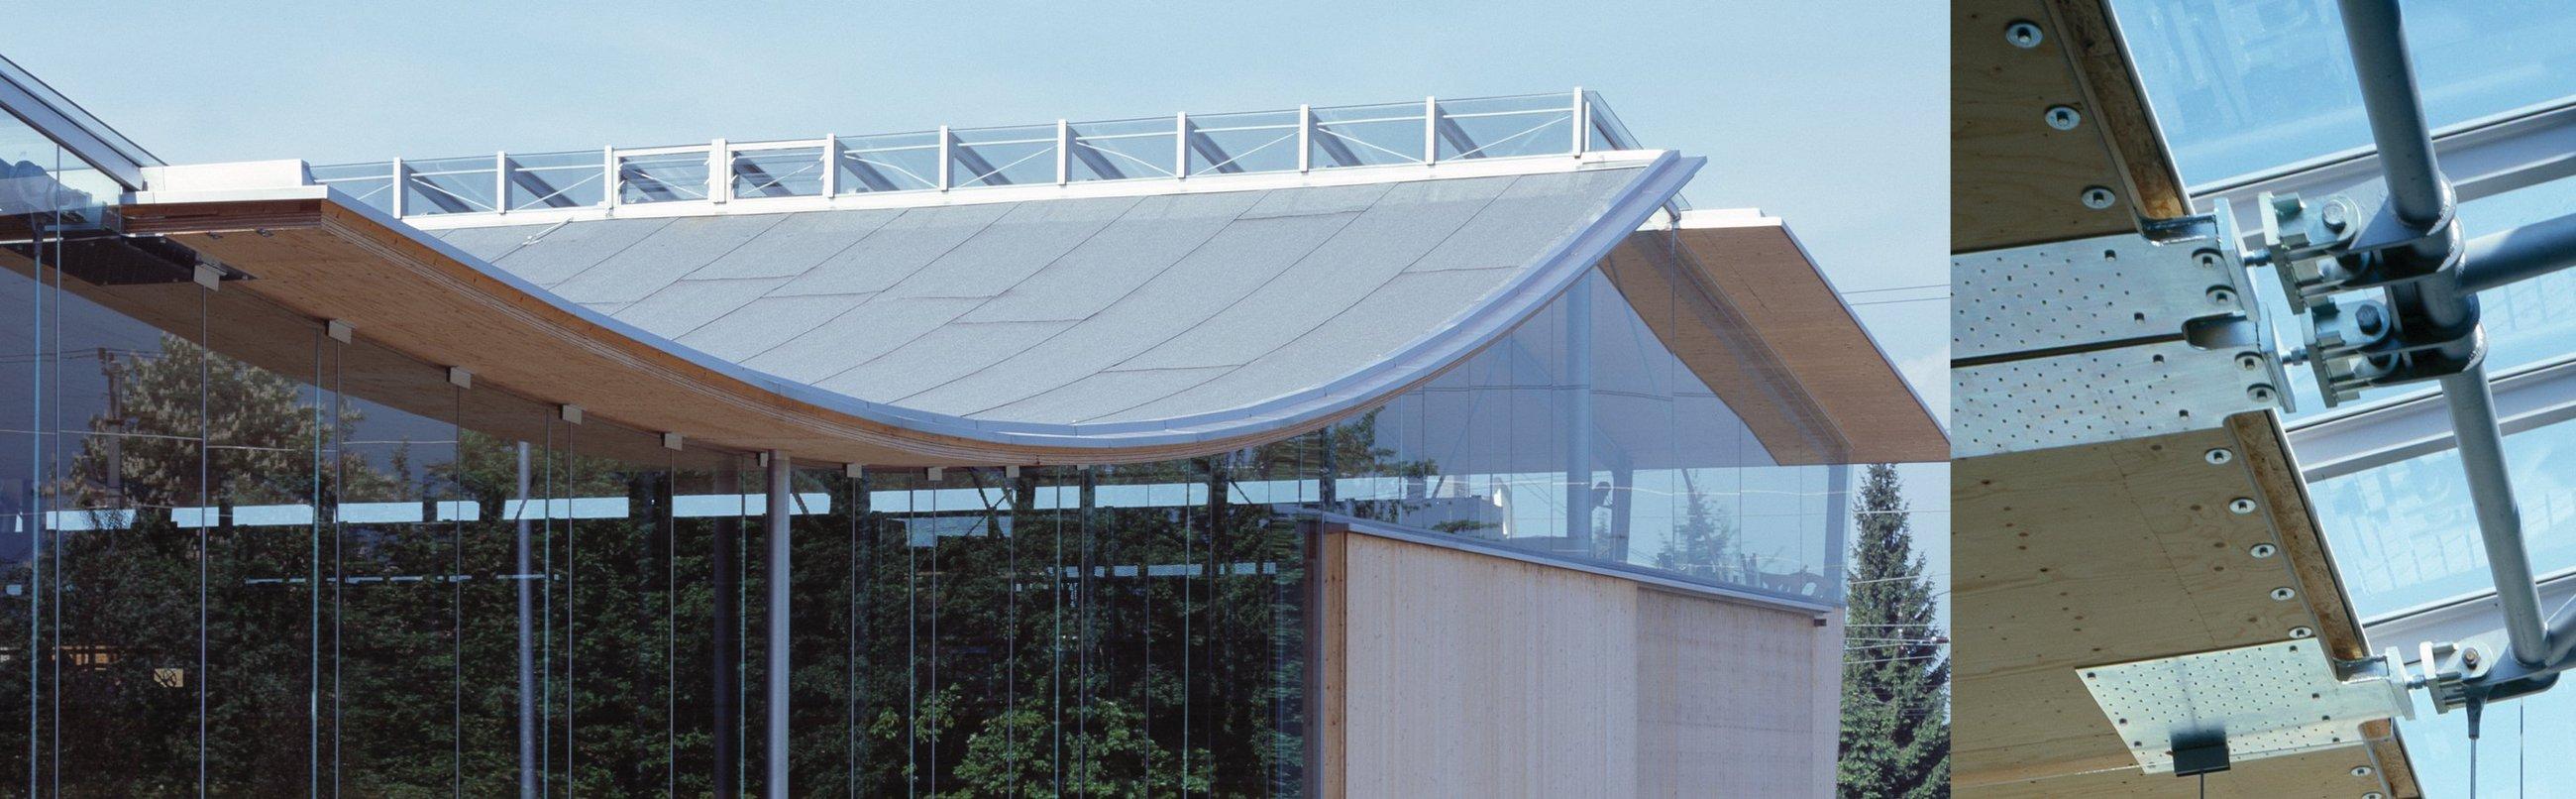 Städtischer Werkhof Hohenems, innovative und kostengünstige Konstruktion